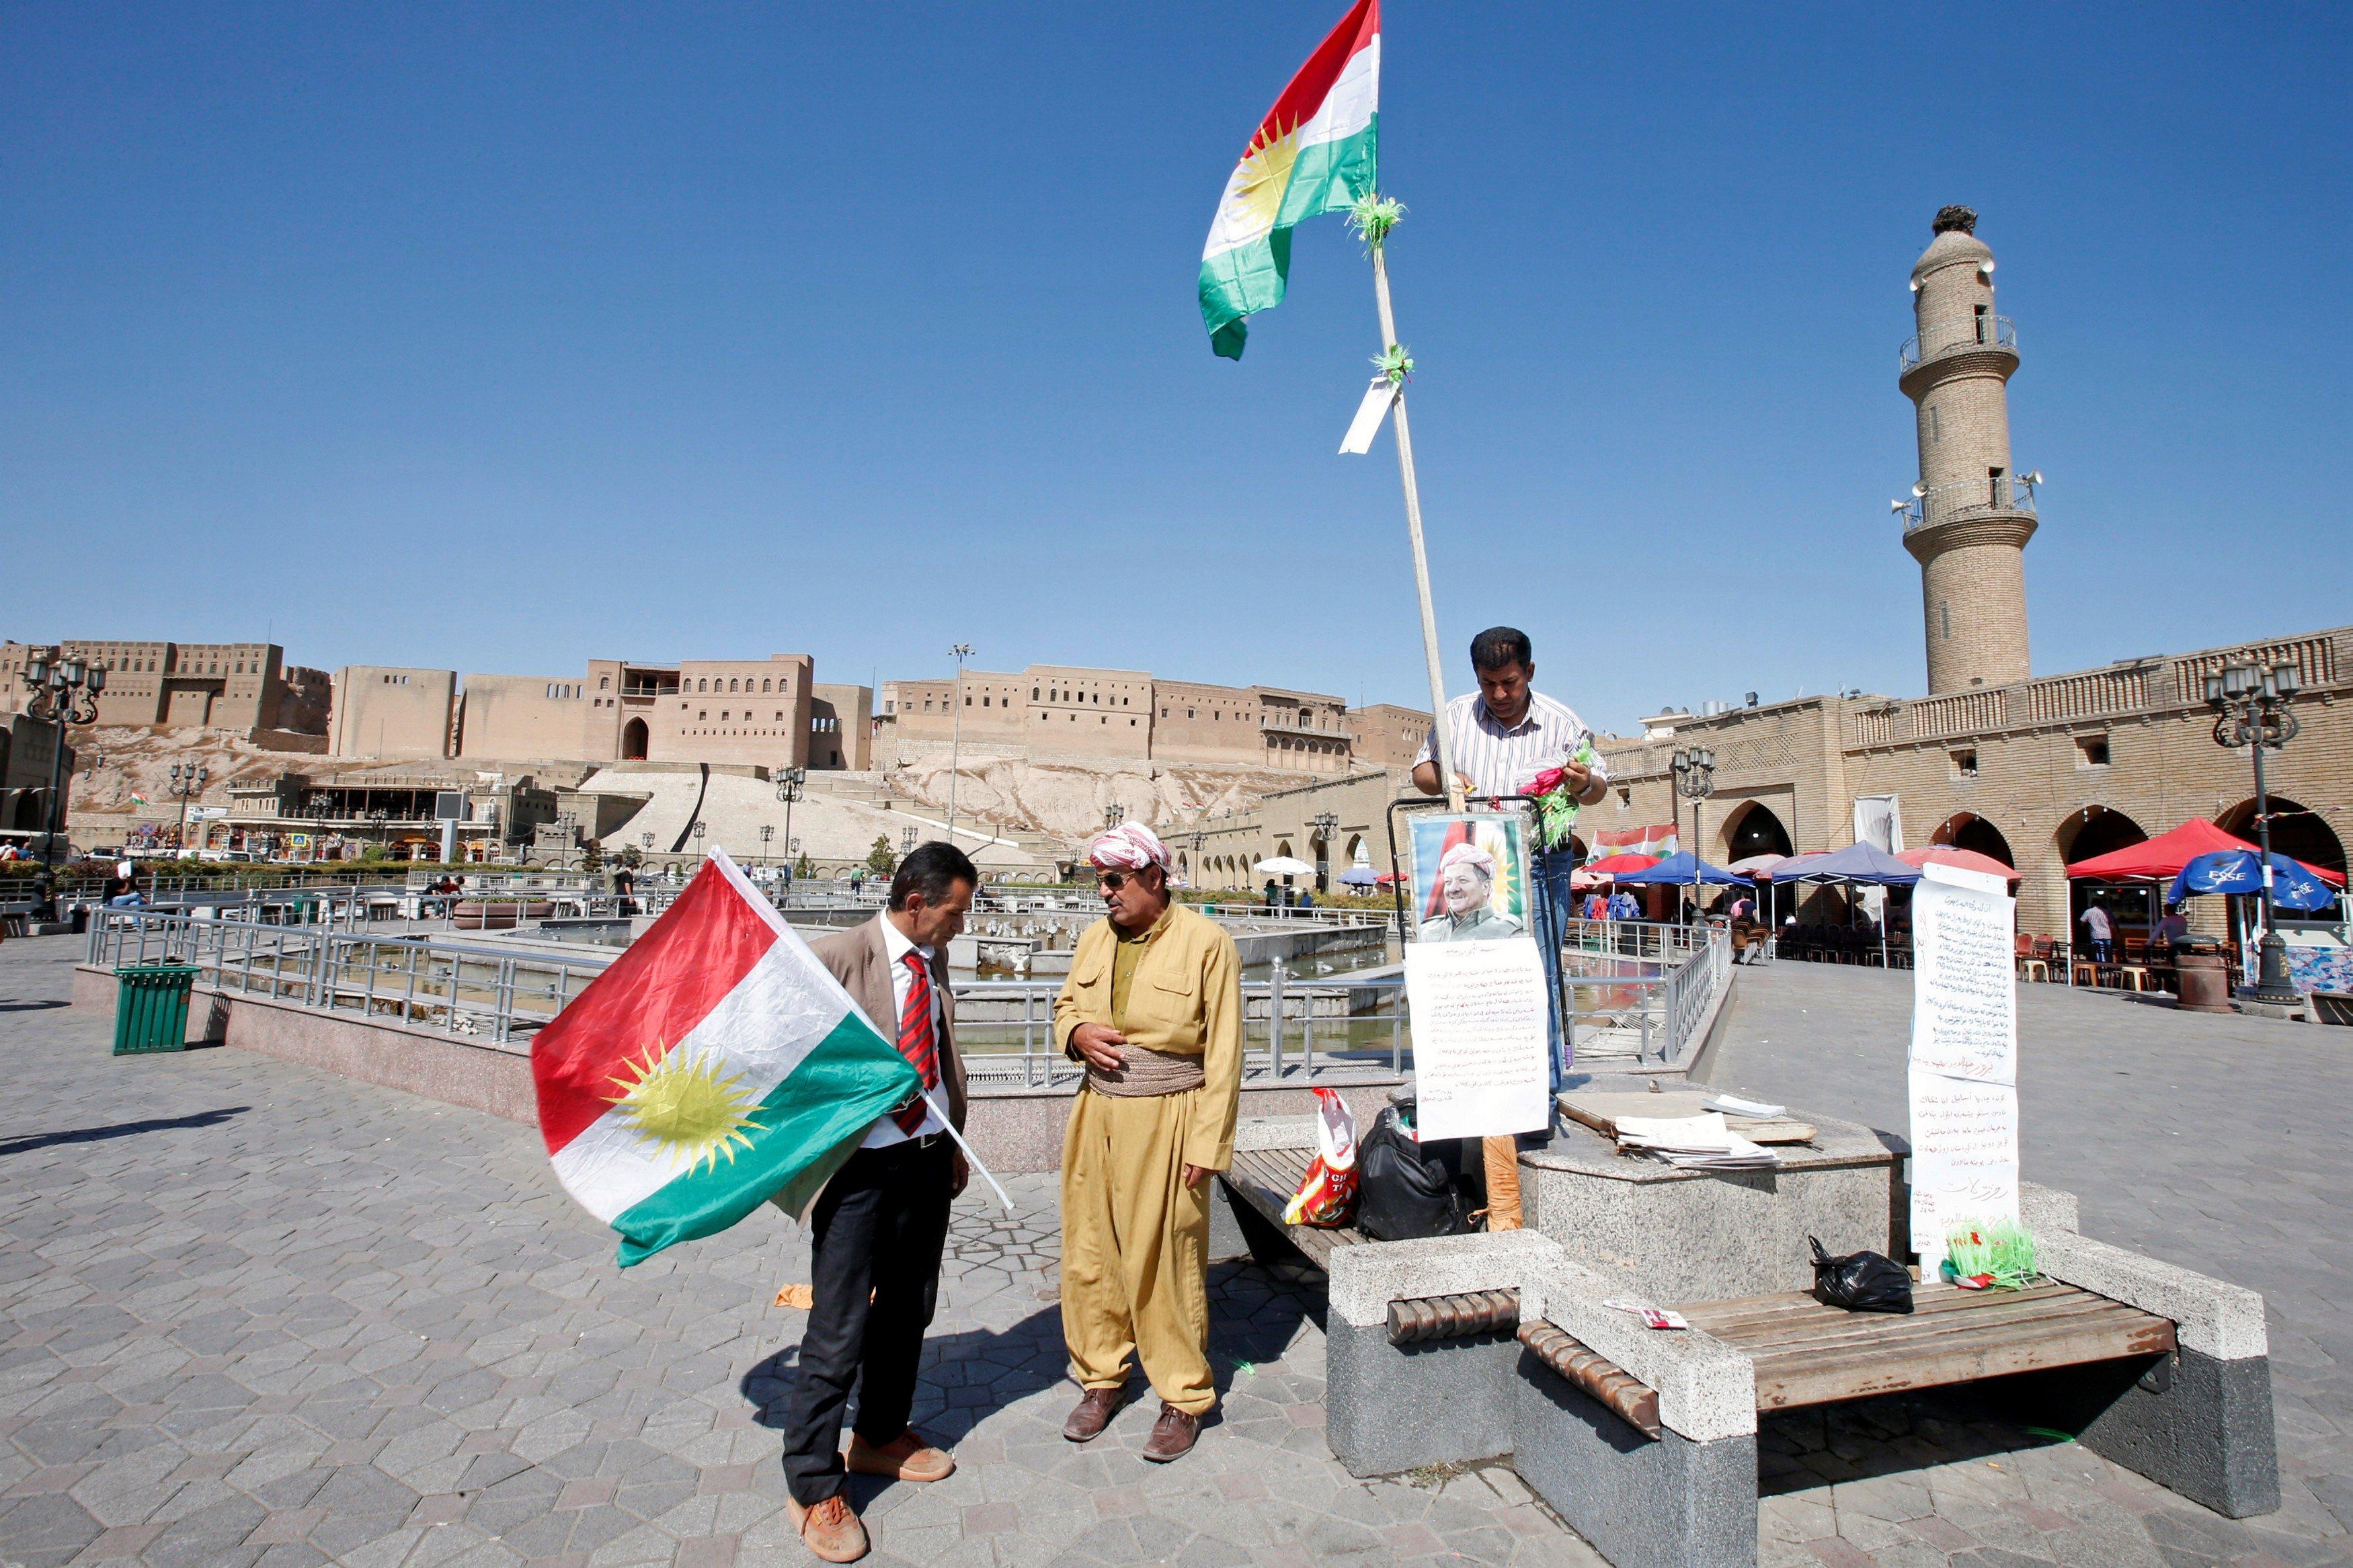 «Заединый Ирак»: Пентагон призвал Багдад иКурдистан избегать конфликта